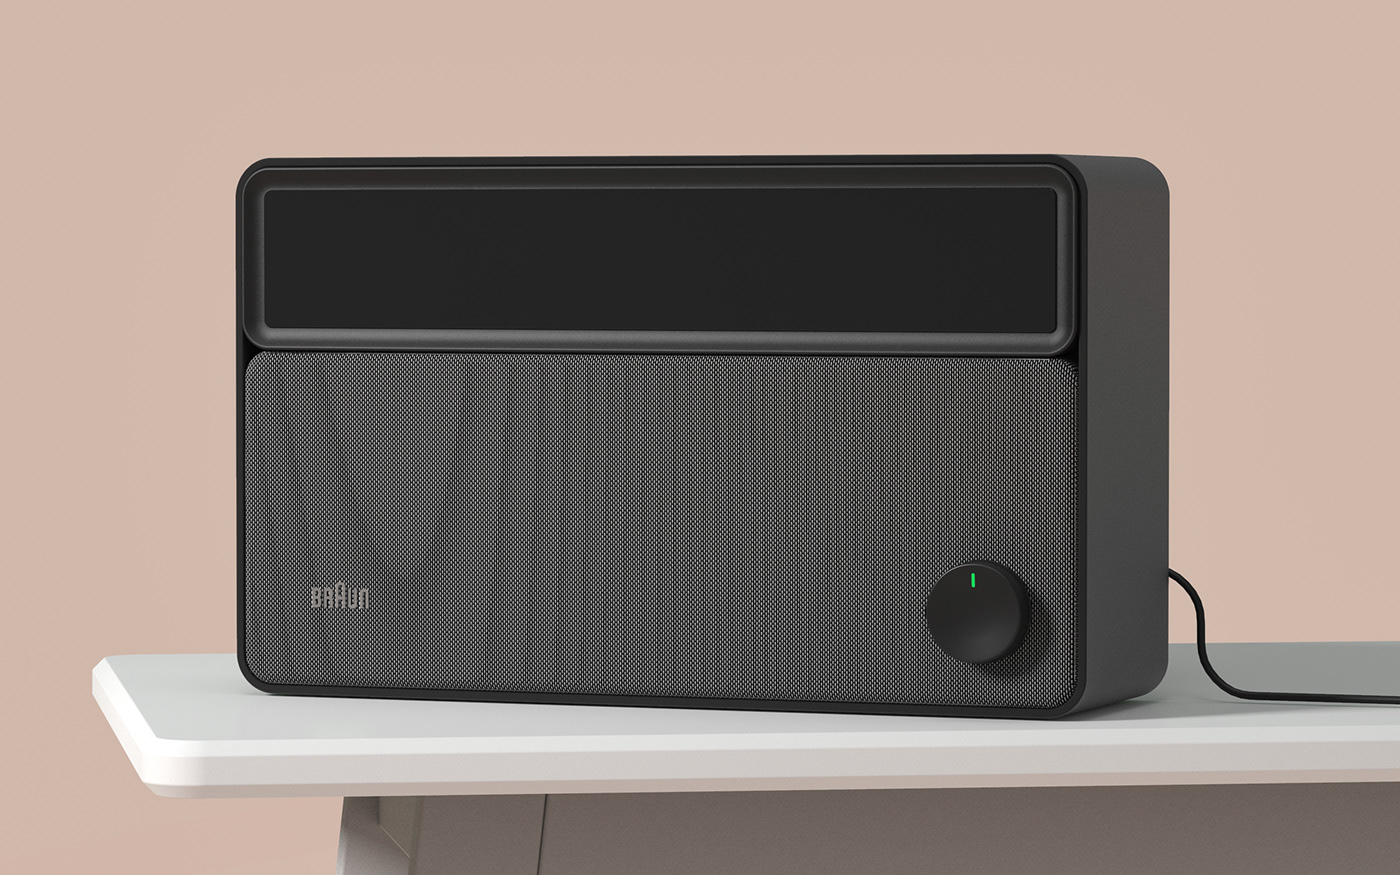 Image may contain: television, screenshot and monitor